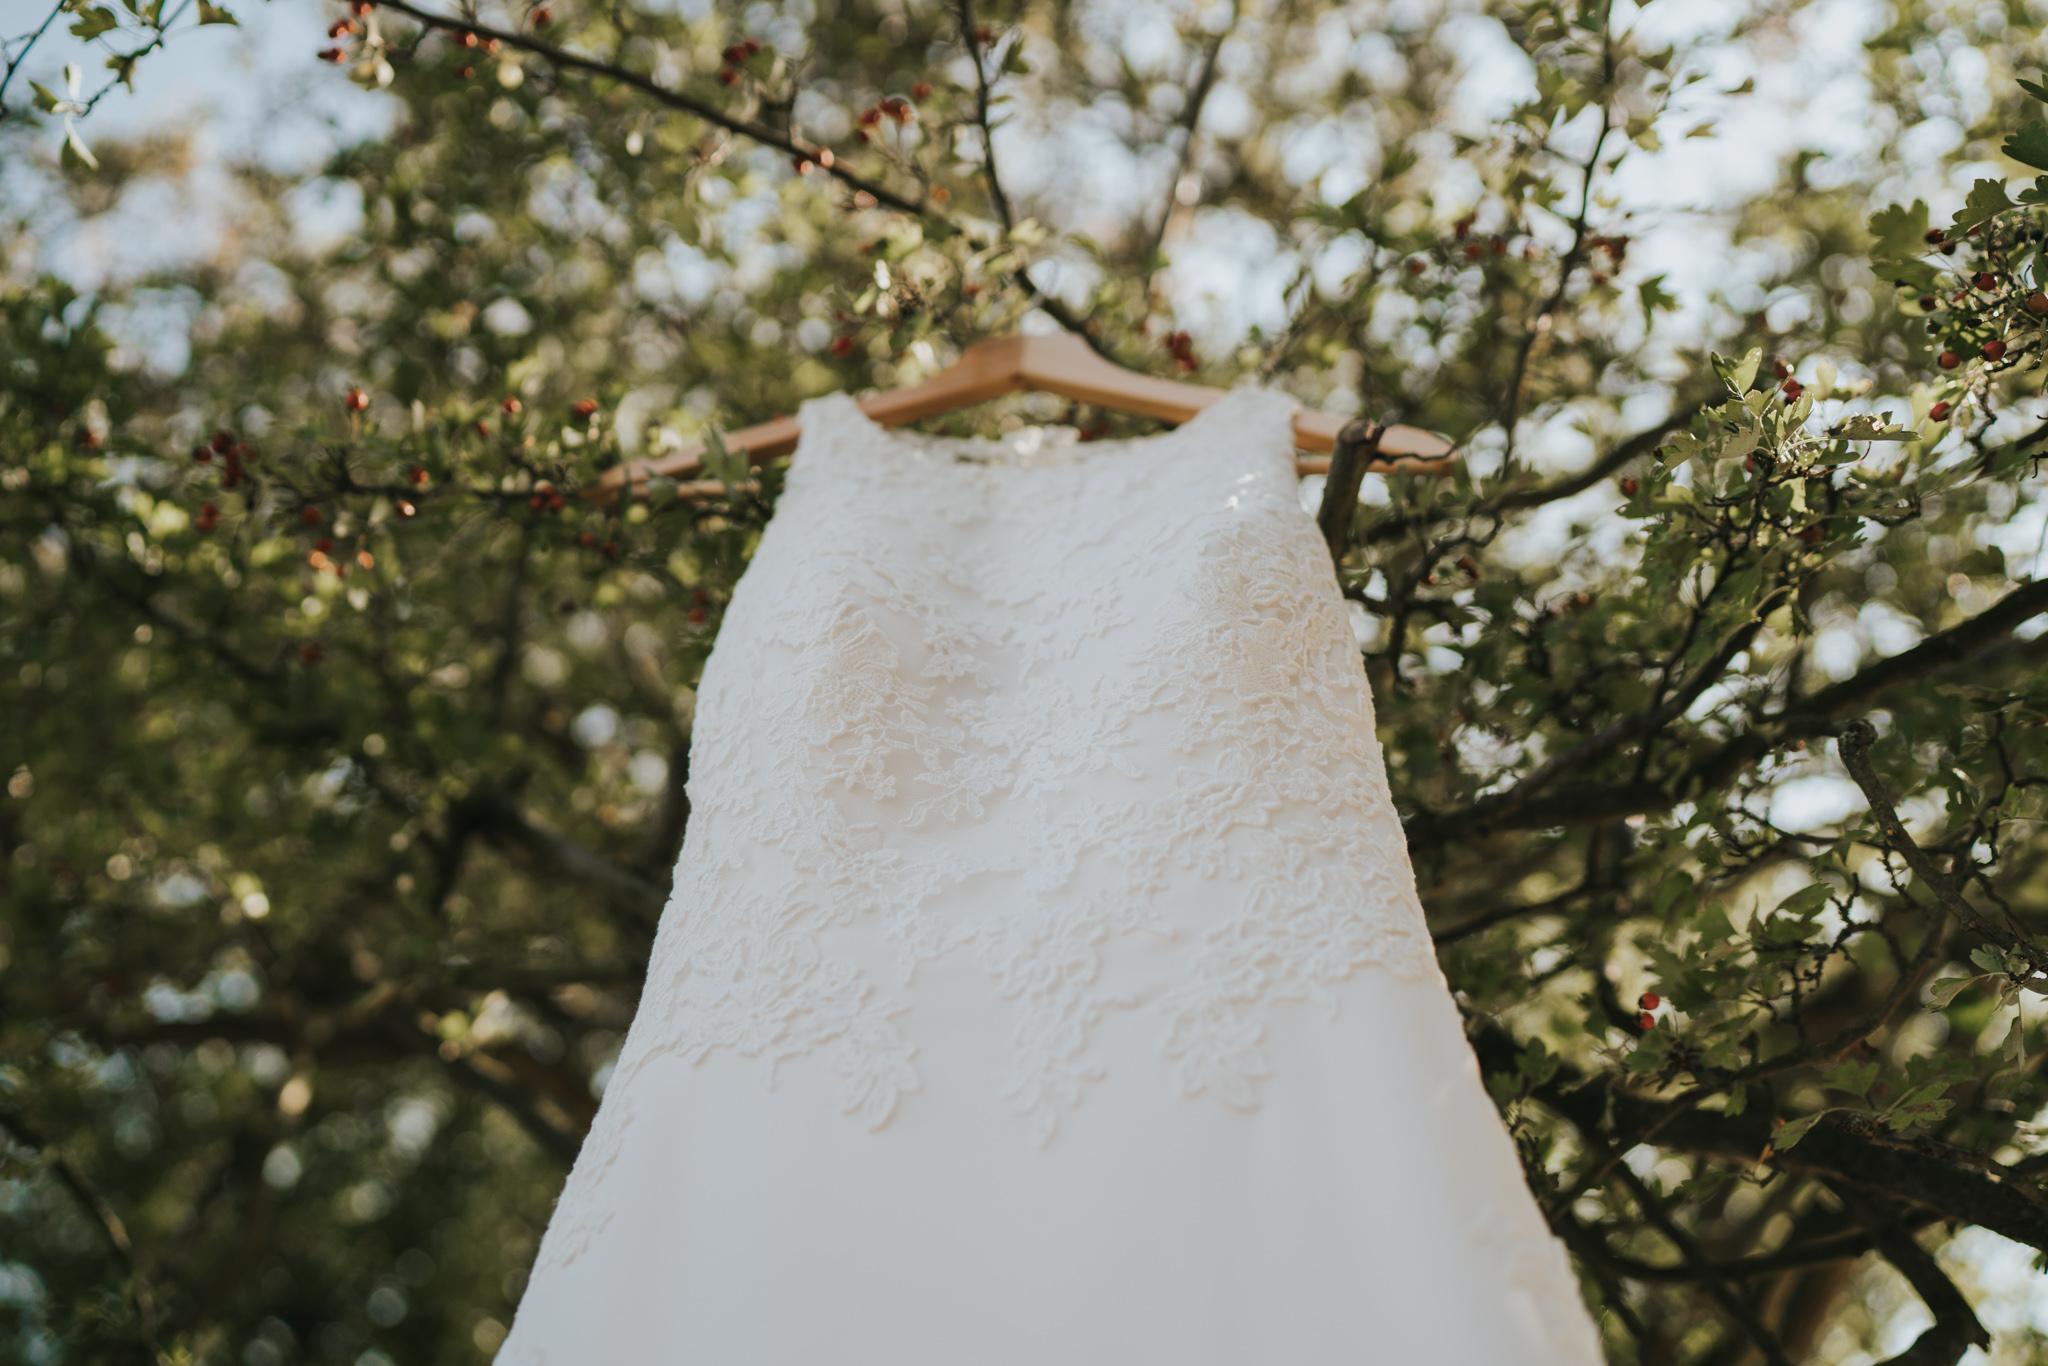 Joe-Tiffany-Colchester-Castle-Wedding-Essex-Grace-Elizabeth-Colchester-Essex-Alternative-Wedding-Photographer-Suffolk-Norfolk-Devon (10 of 122).jpg